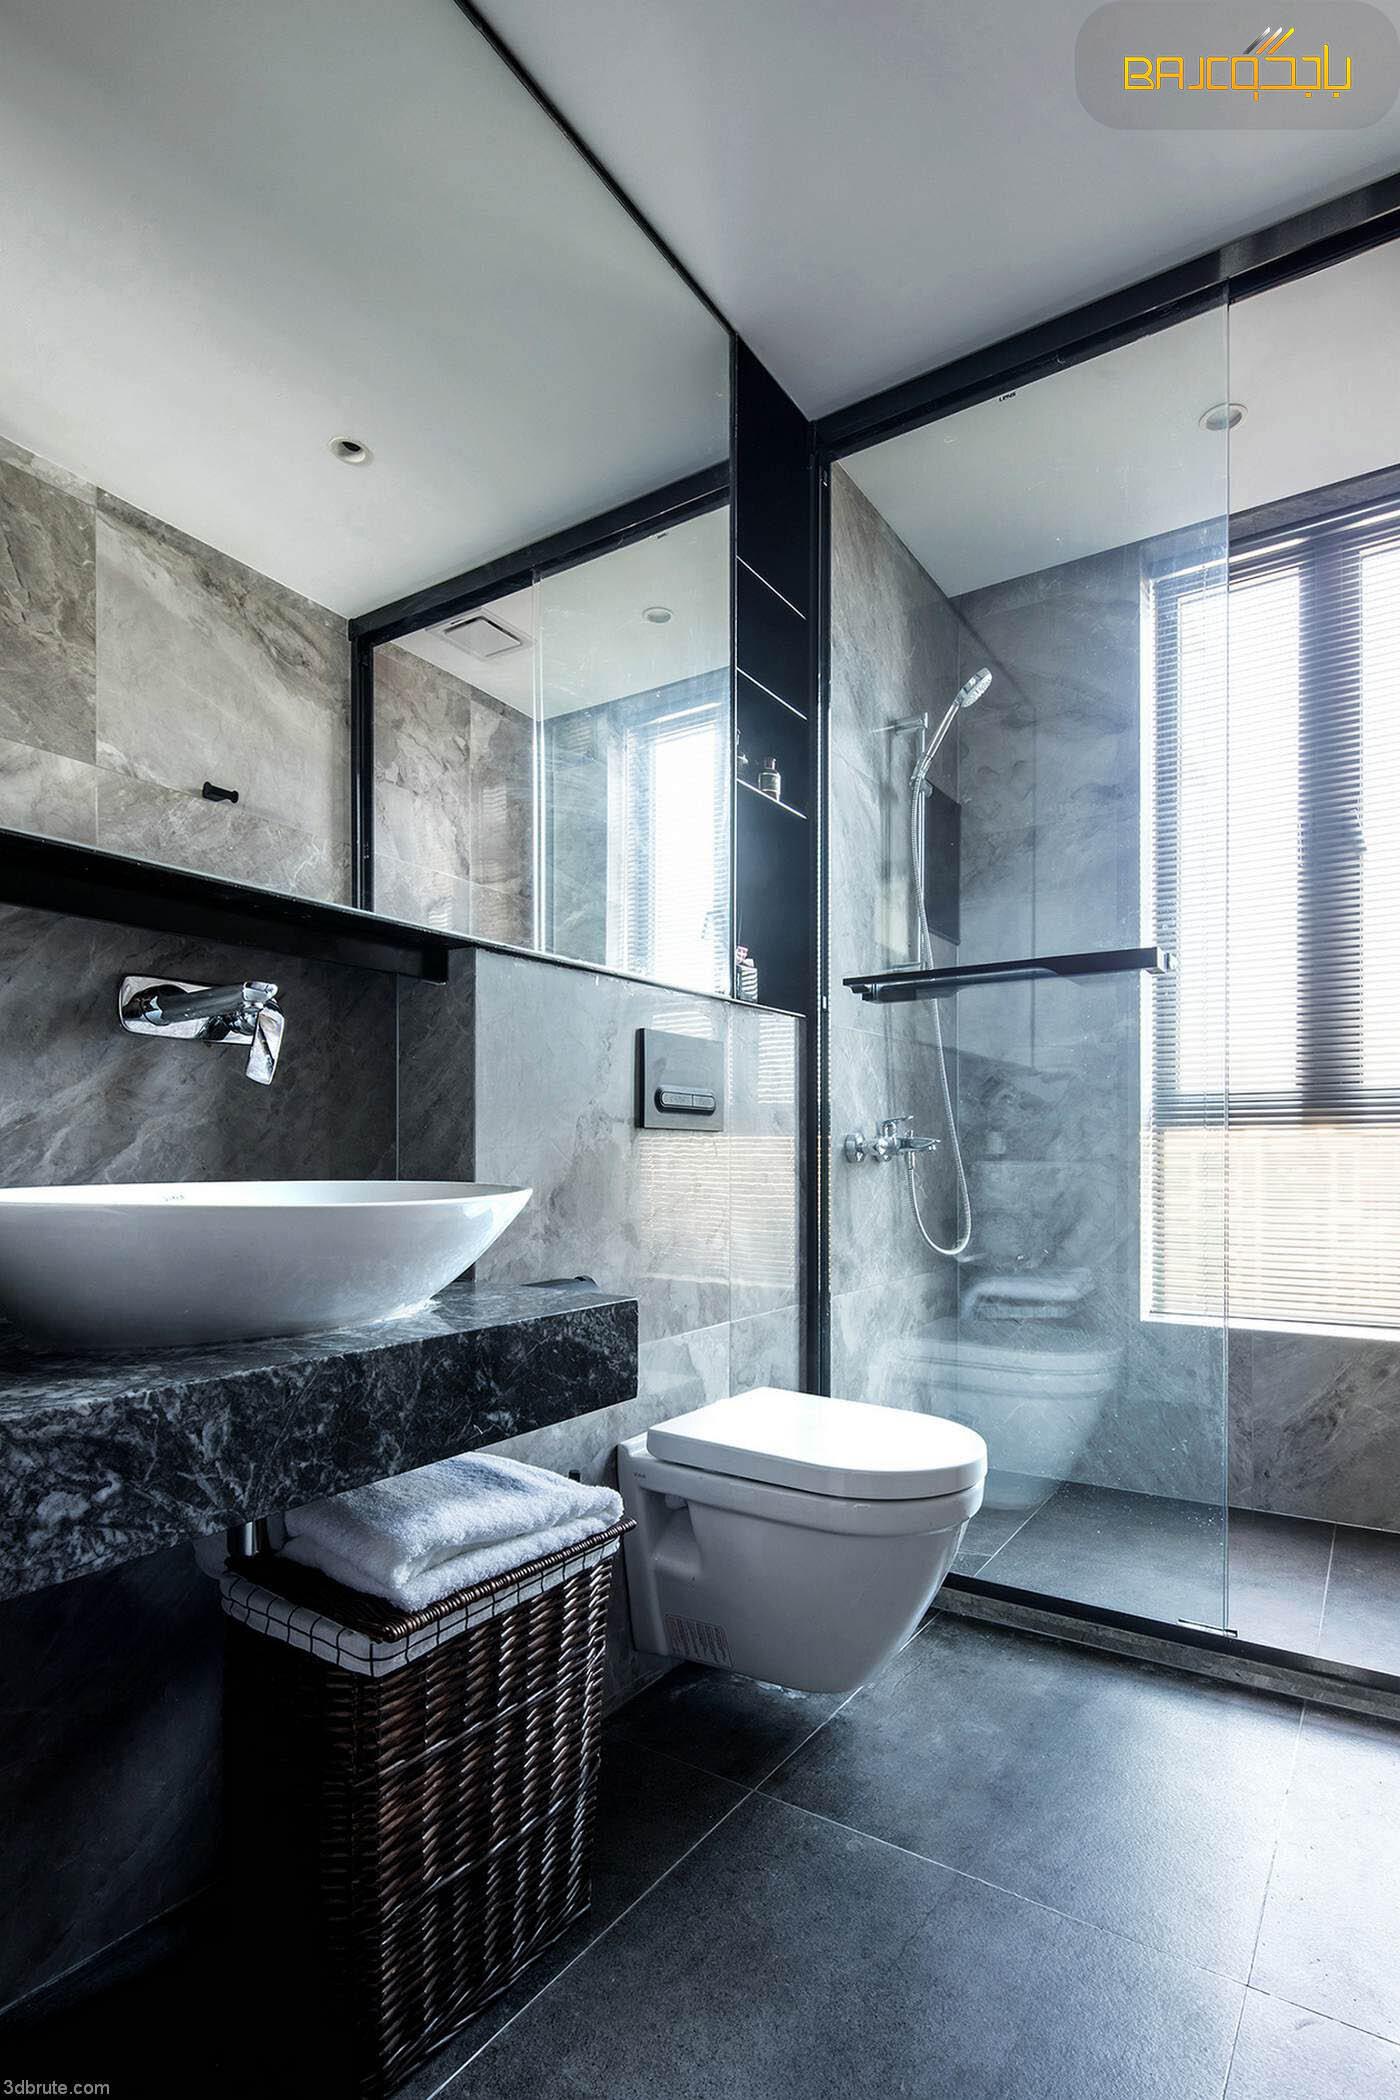 مغسلة رخام داخل الحمام